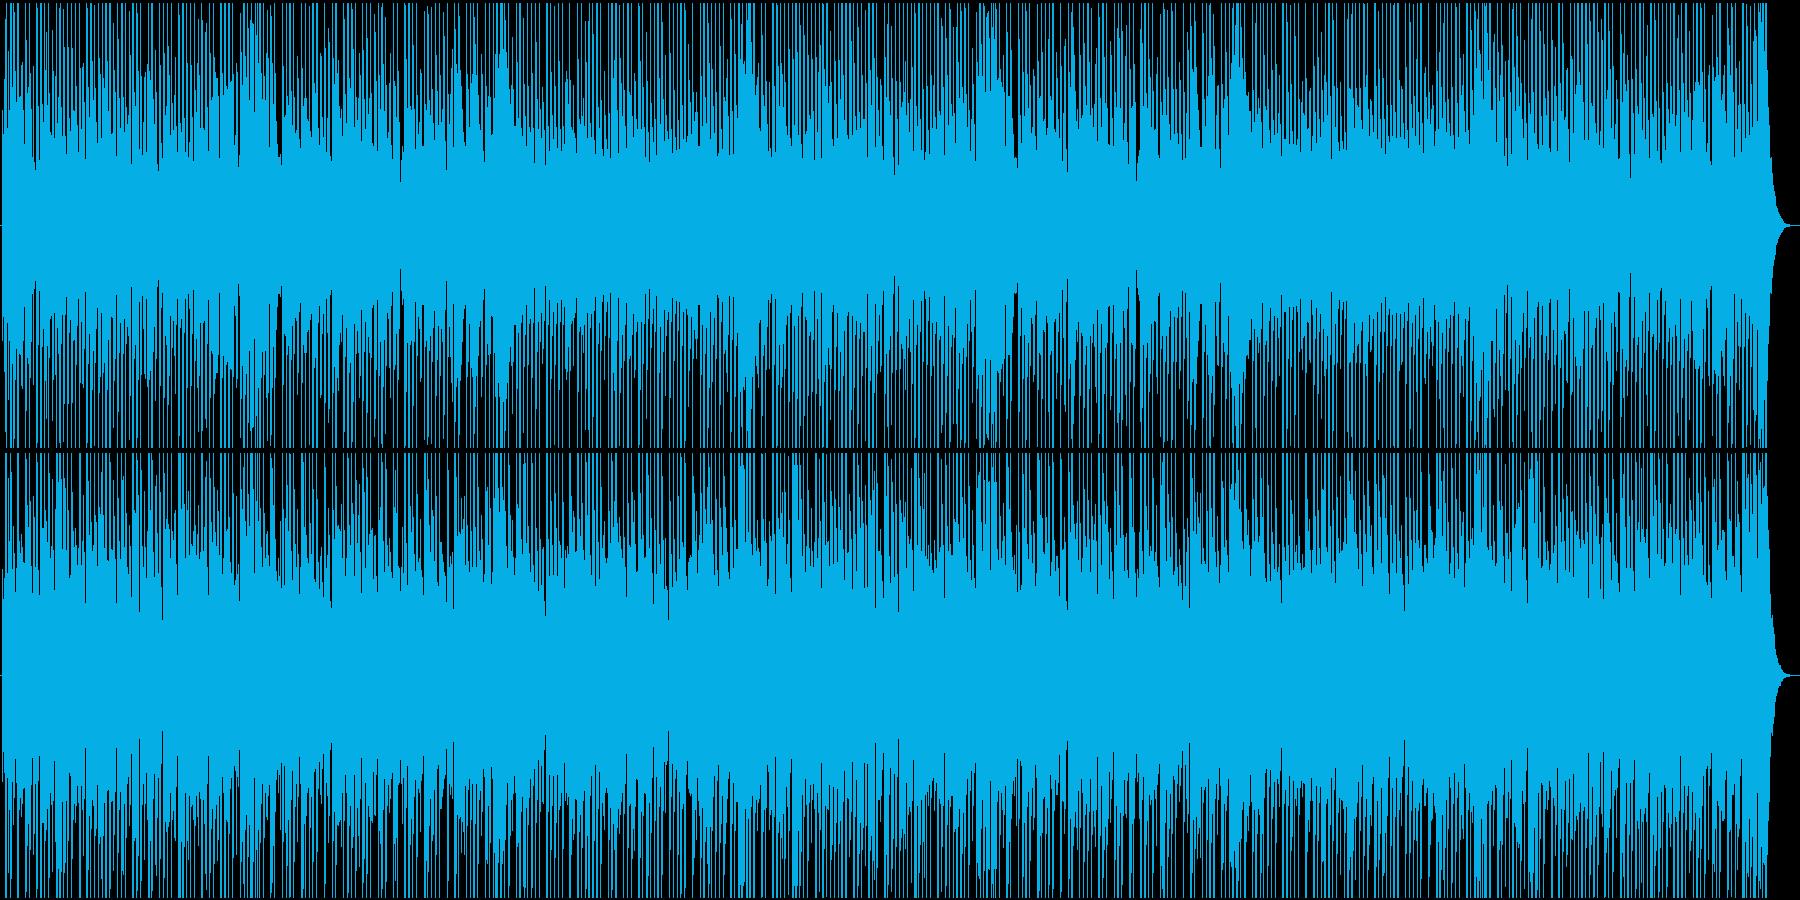 使いやすい!ポップな和風BGM 2の再生済みの波形